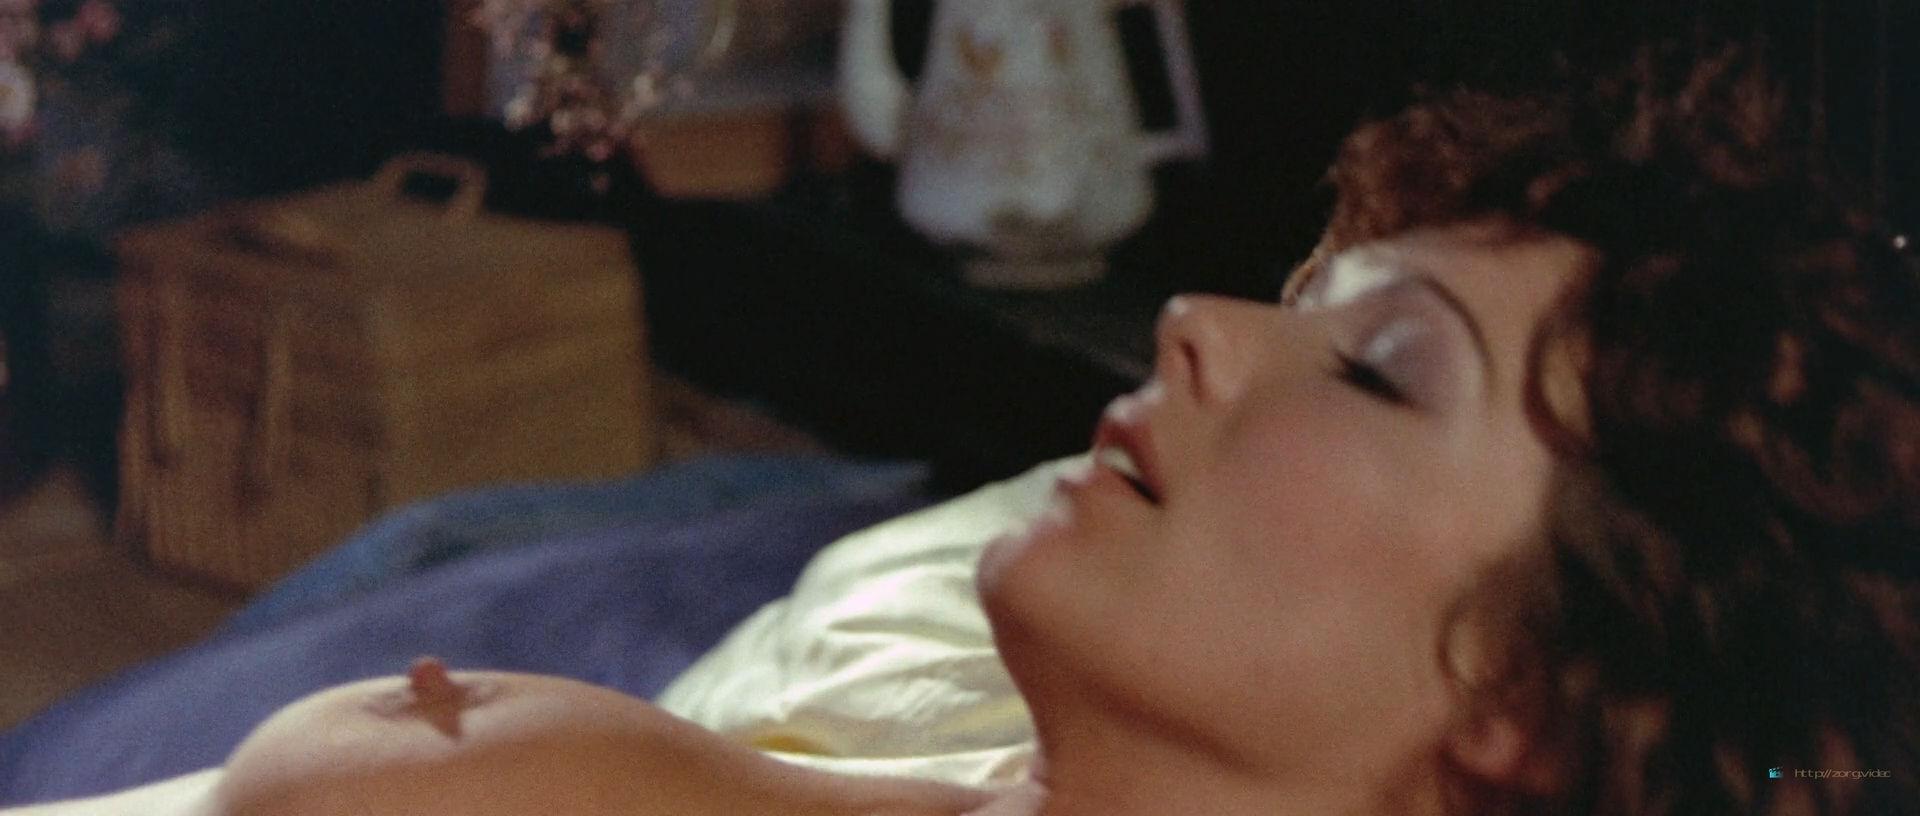 Marja de Heer nude full frontal others nude too - Mijn Nachten met Susan, Olga, Albert, Julie, Piet & Sandra (NL-1975) HD 1080p (9)